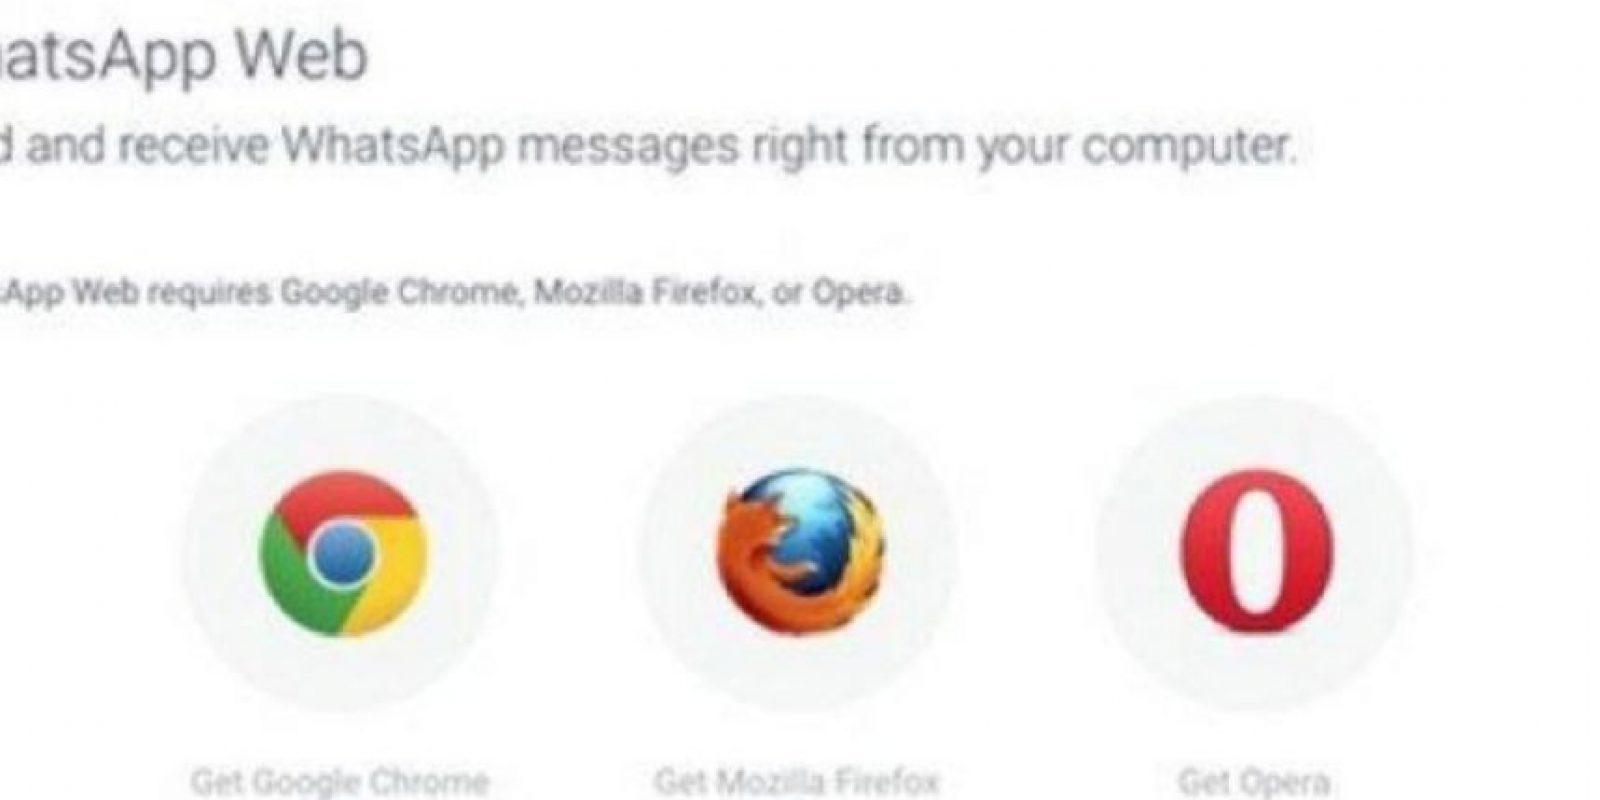 Permite chatear, enviar fotos o archivos desde su ordenador siempre y cuando su PC y el smartphone estén conectados en la misma red de datos. Foto:Pinterest